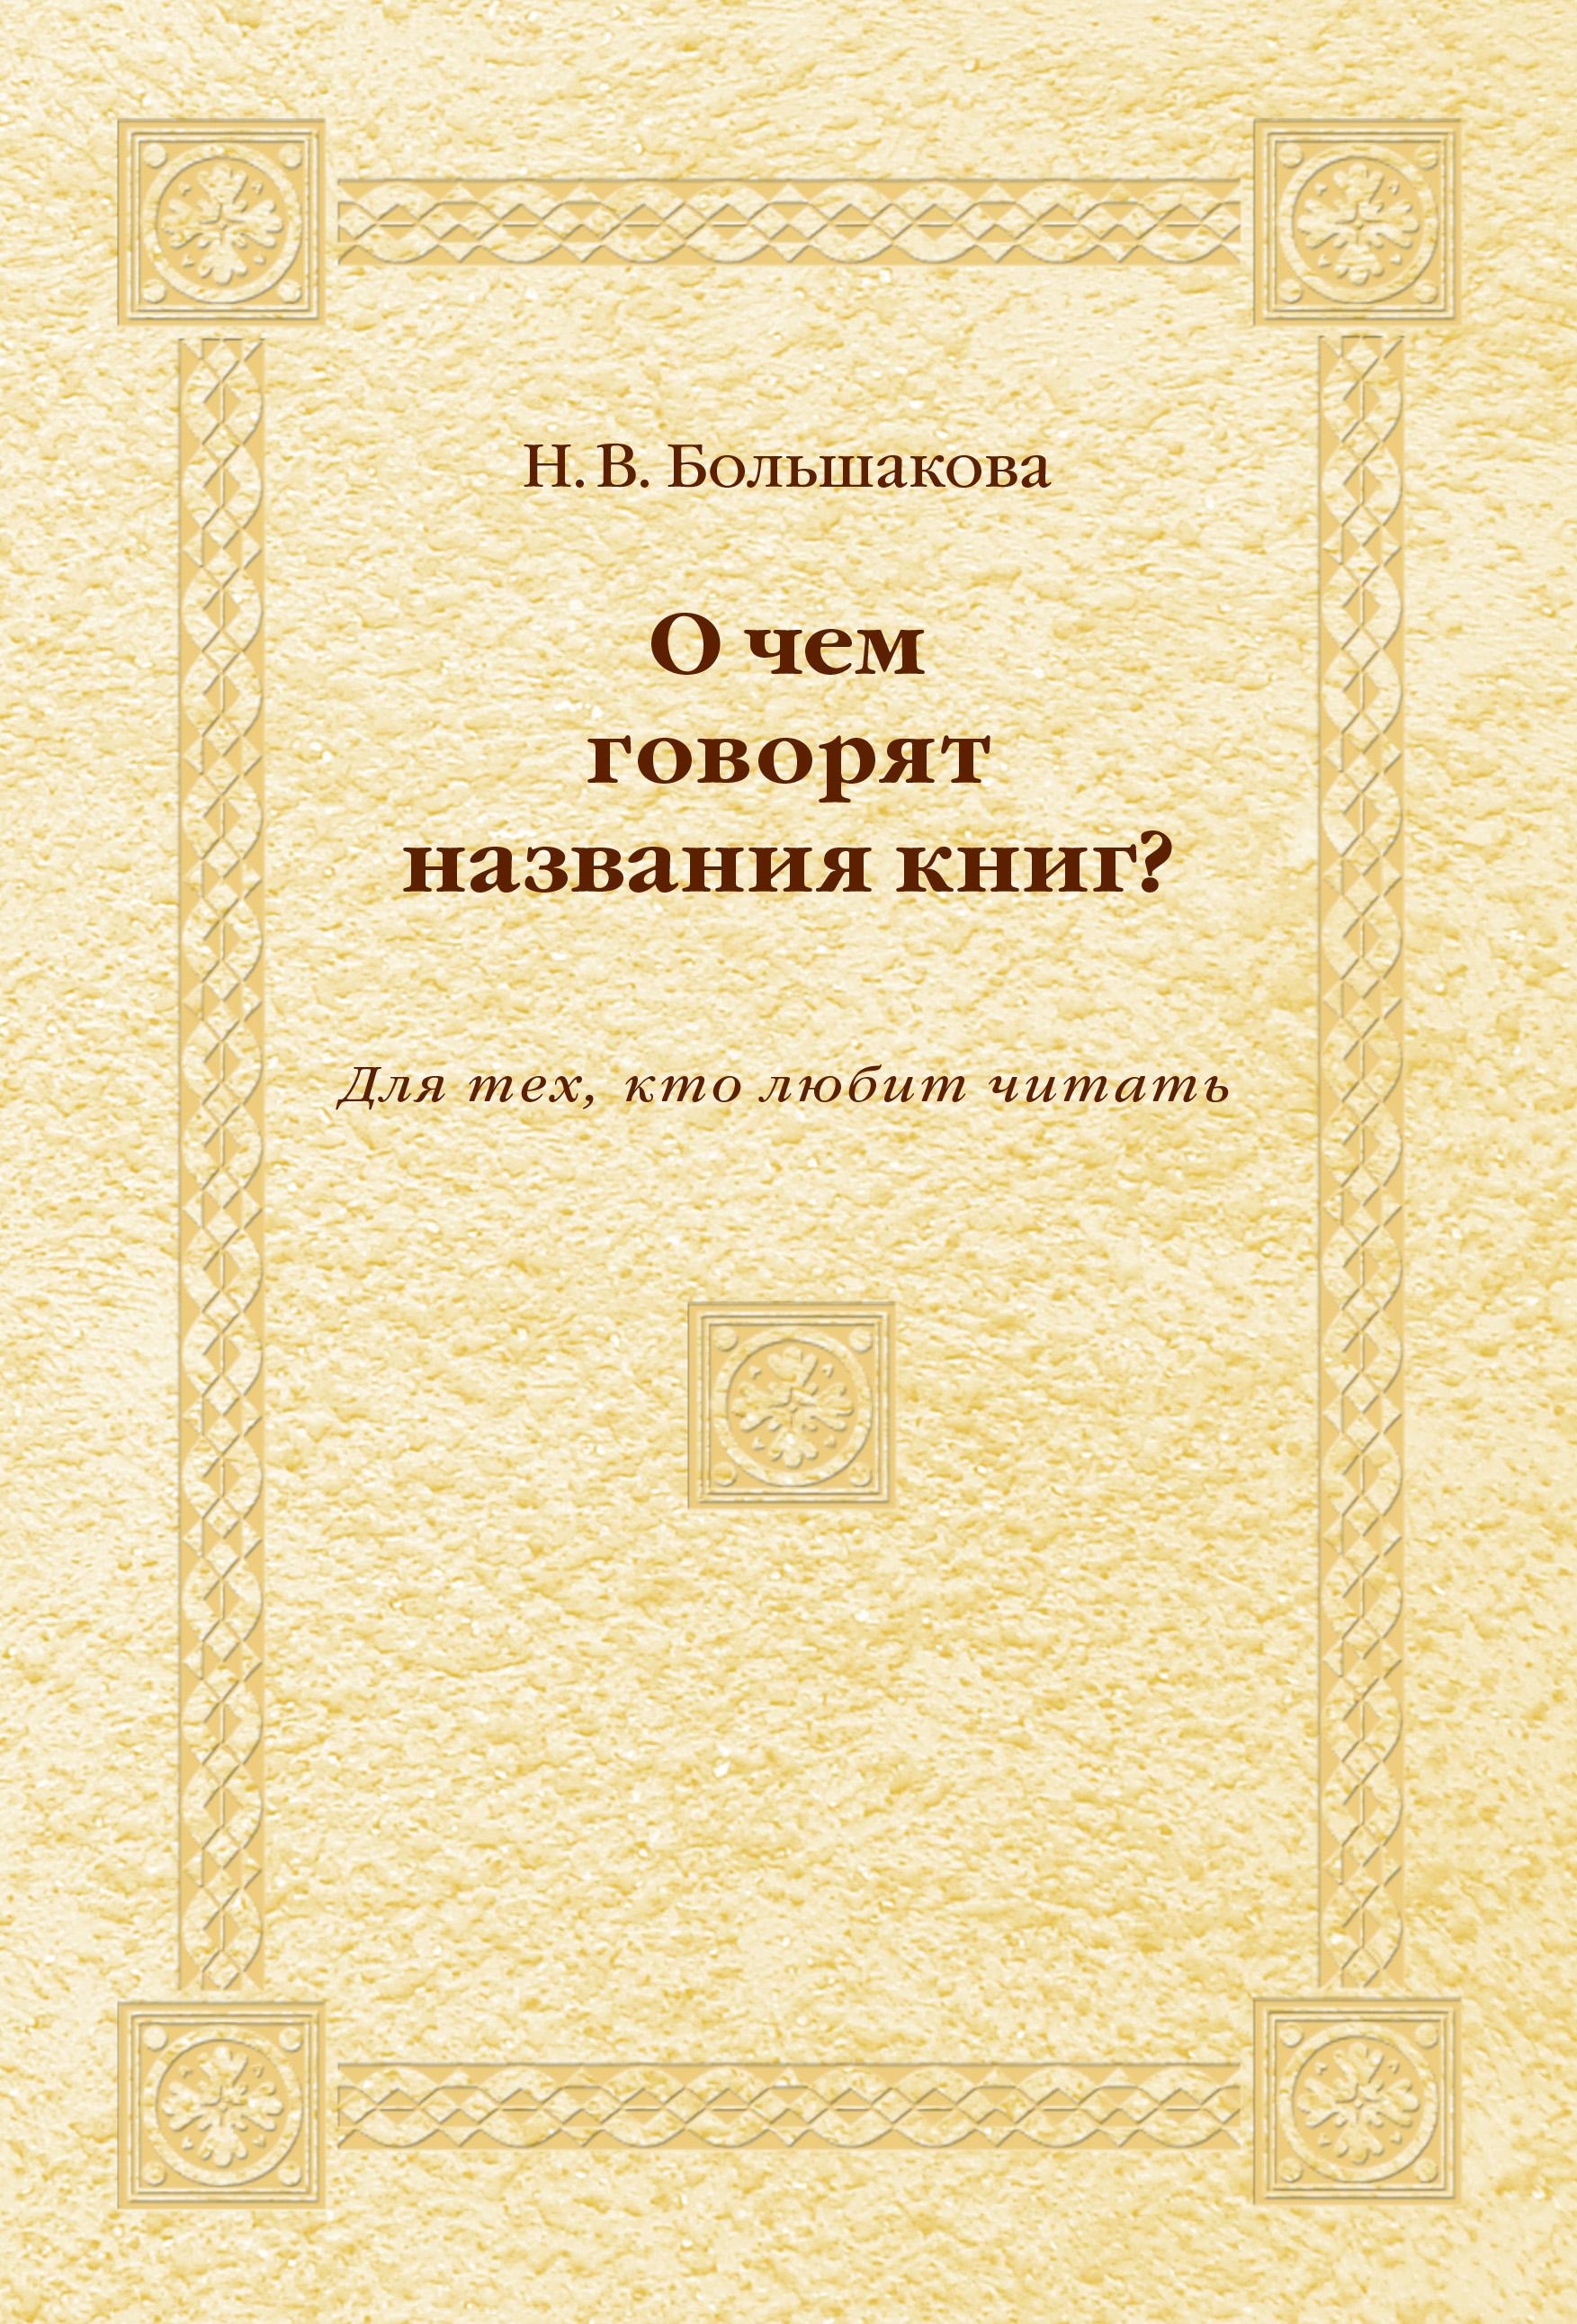 Н. В. Большакова О чем говорят названия книг? Для тех, кто любит читать